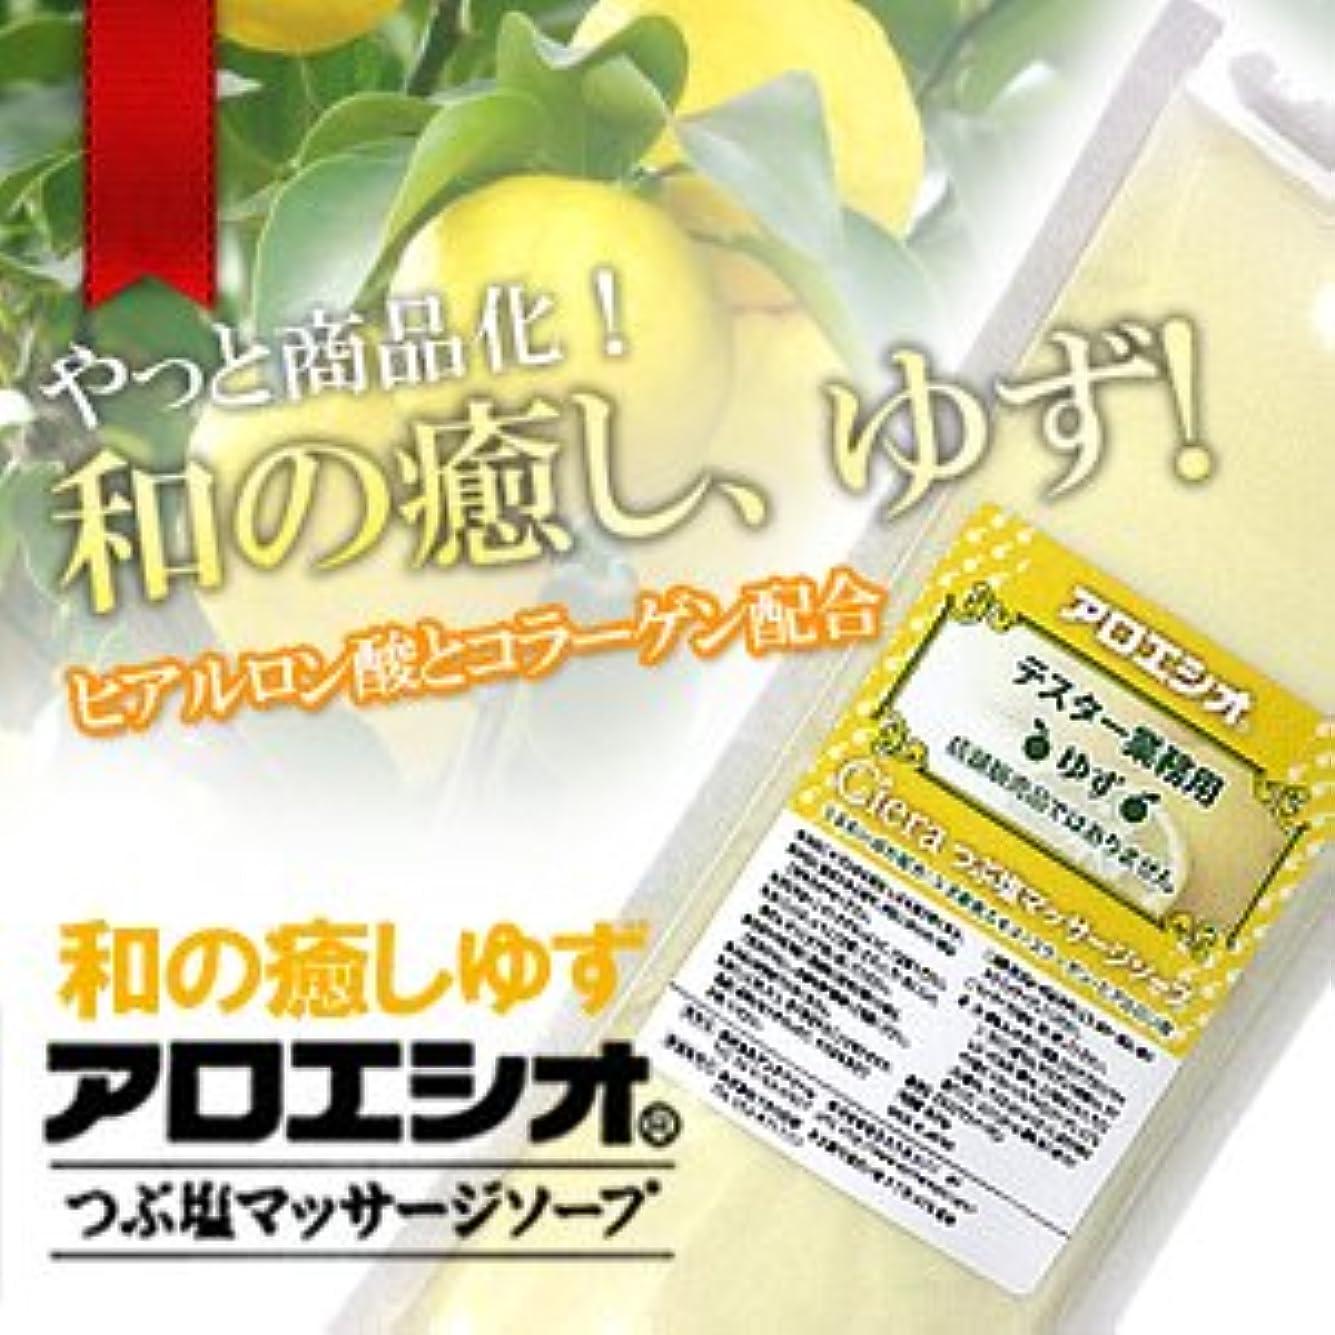 溶融セレナわずらわしいゆず アロエ塩 800g つぶ塩マッサージソープ/フタバ化学 アロエシオ